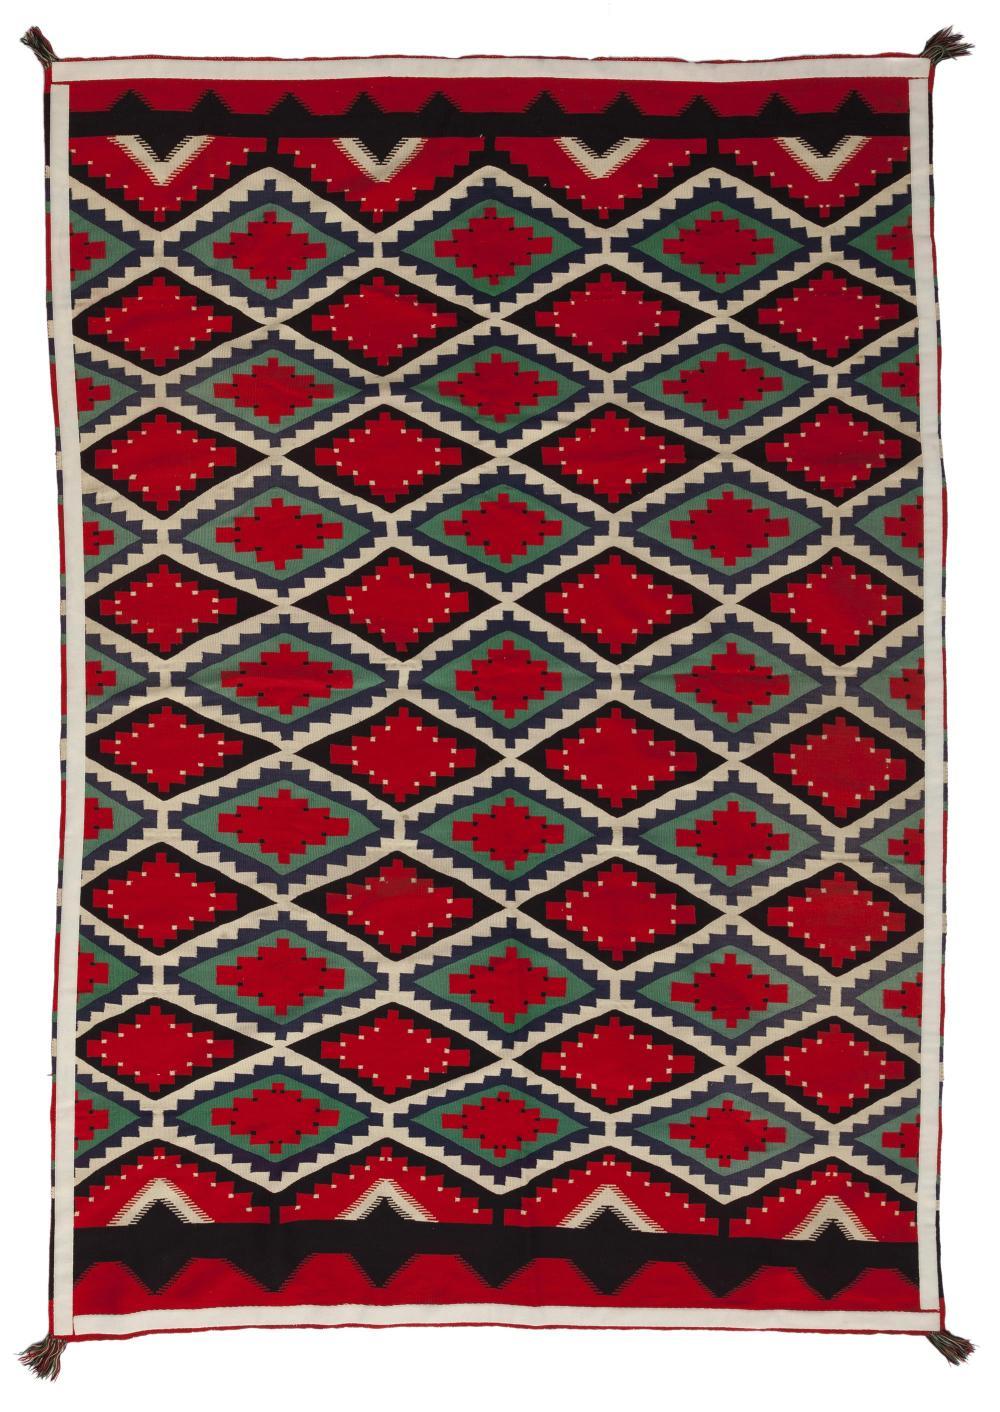 A large Navajo Germantown weaving